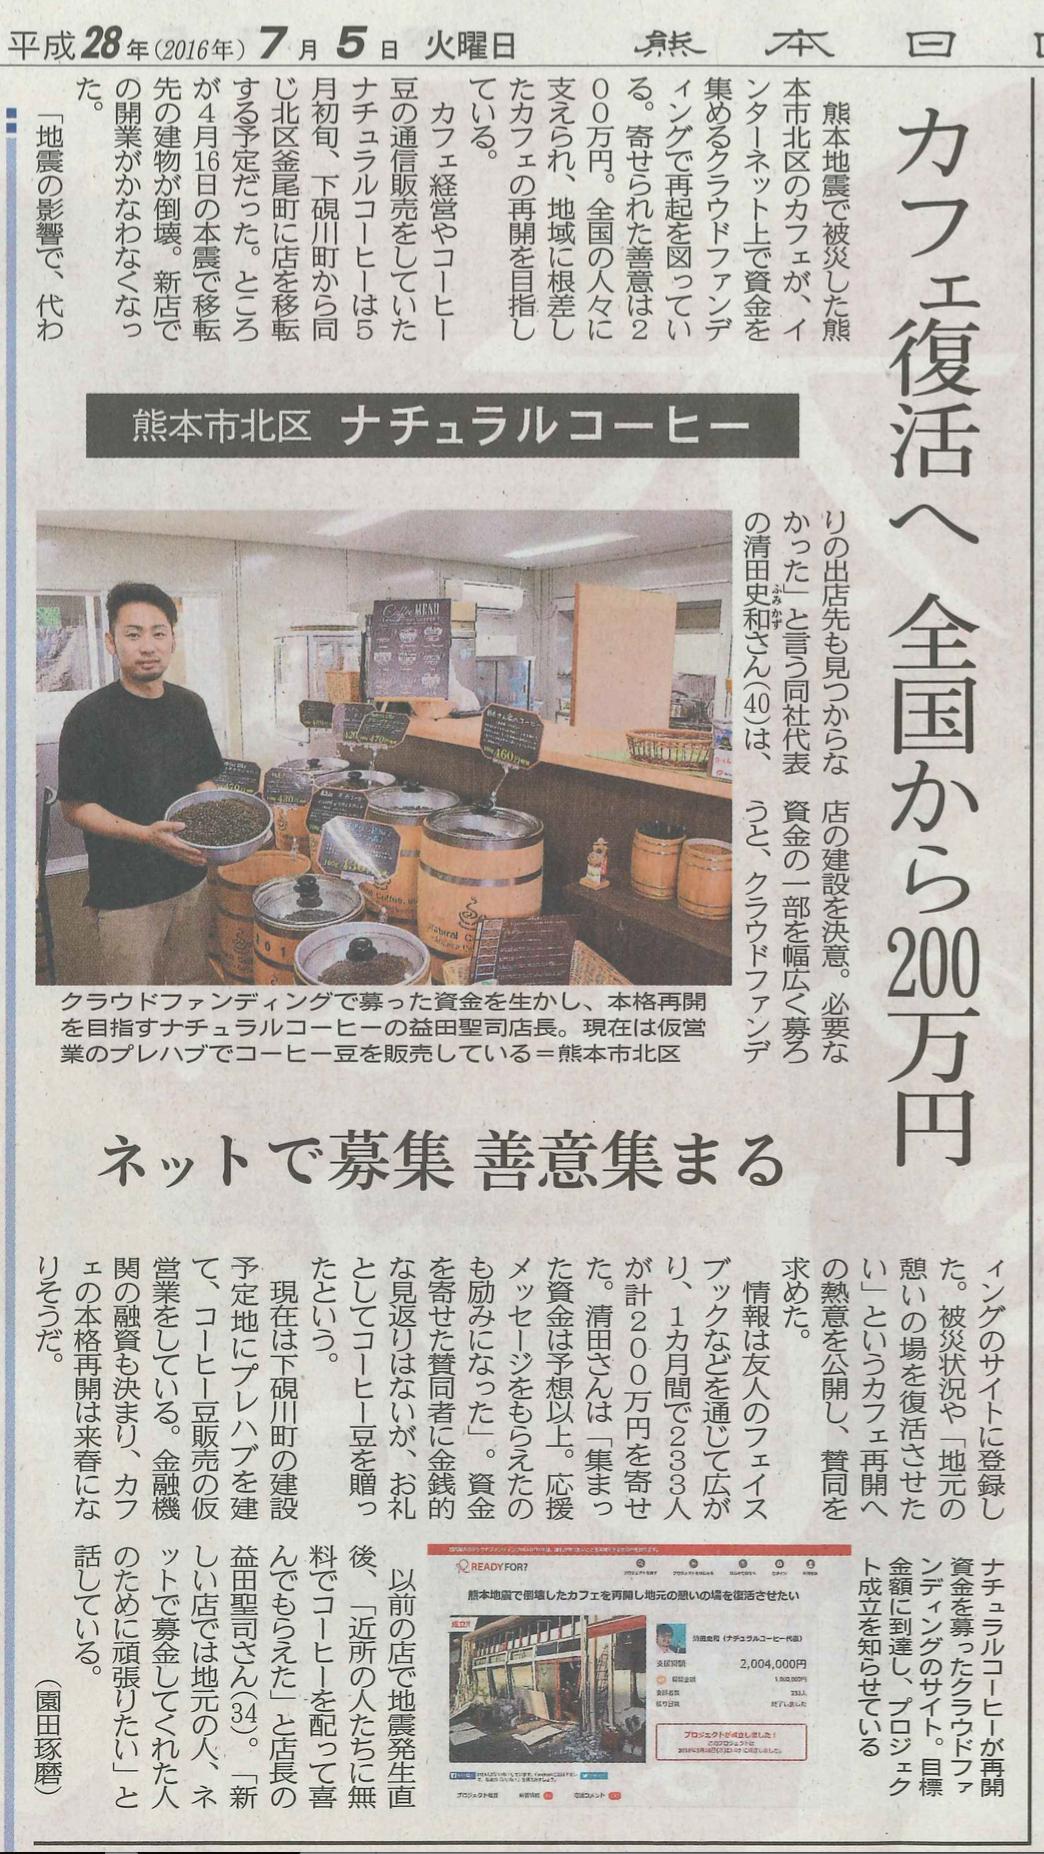 熊本の新聞でナチュラルコーヒーが紹介されました。